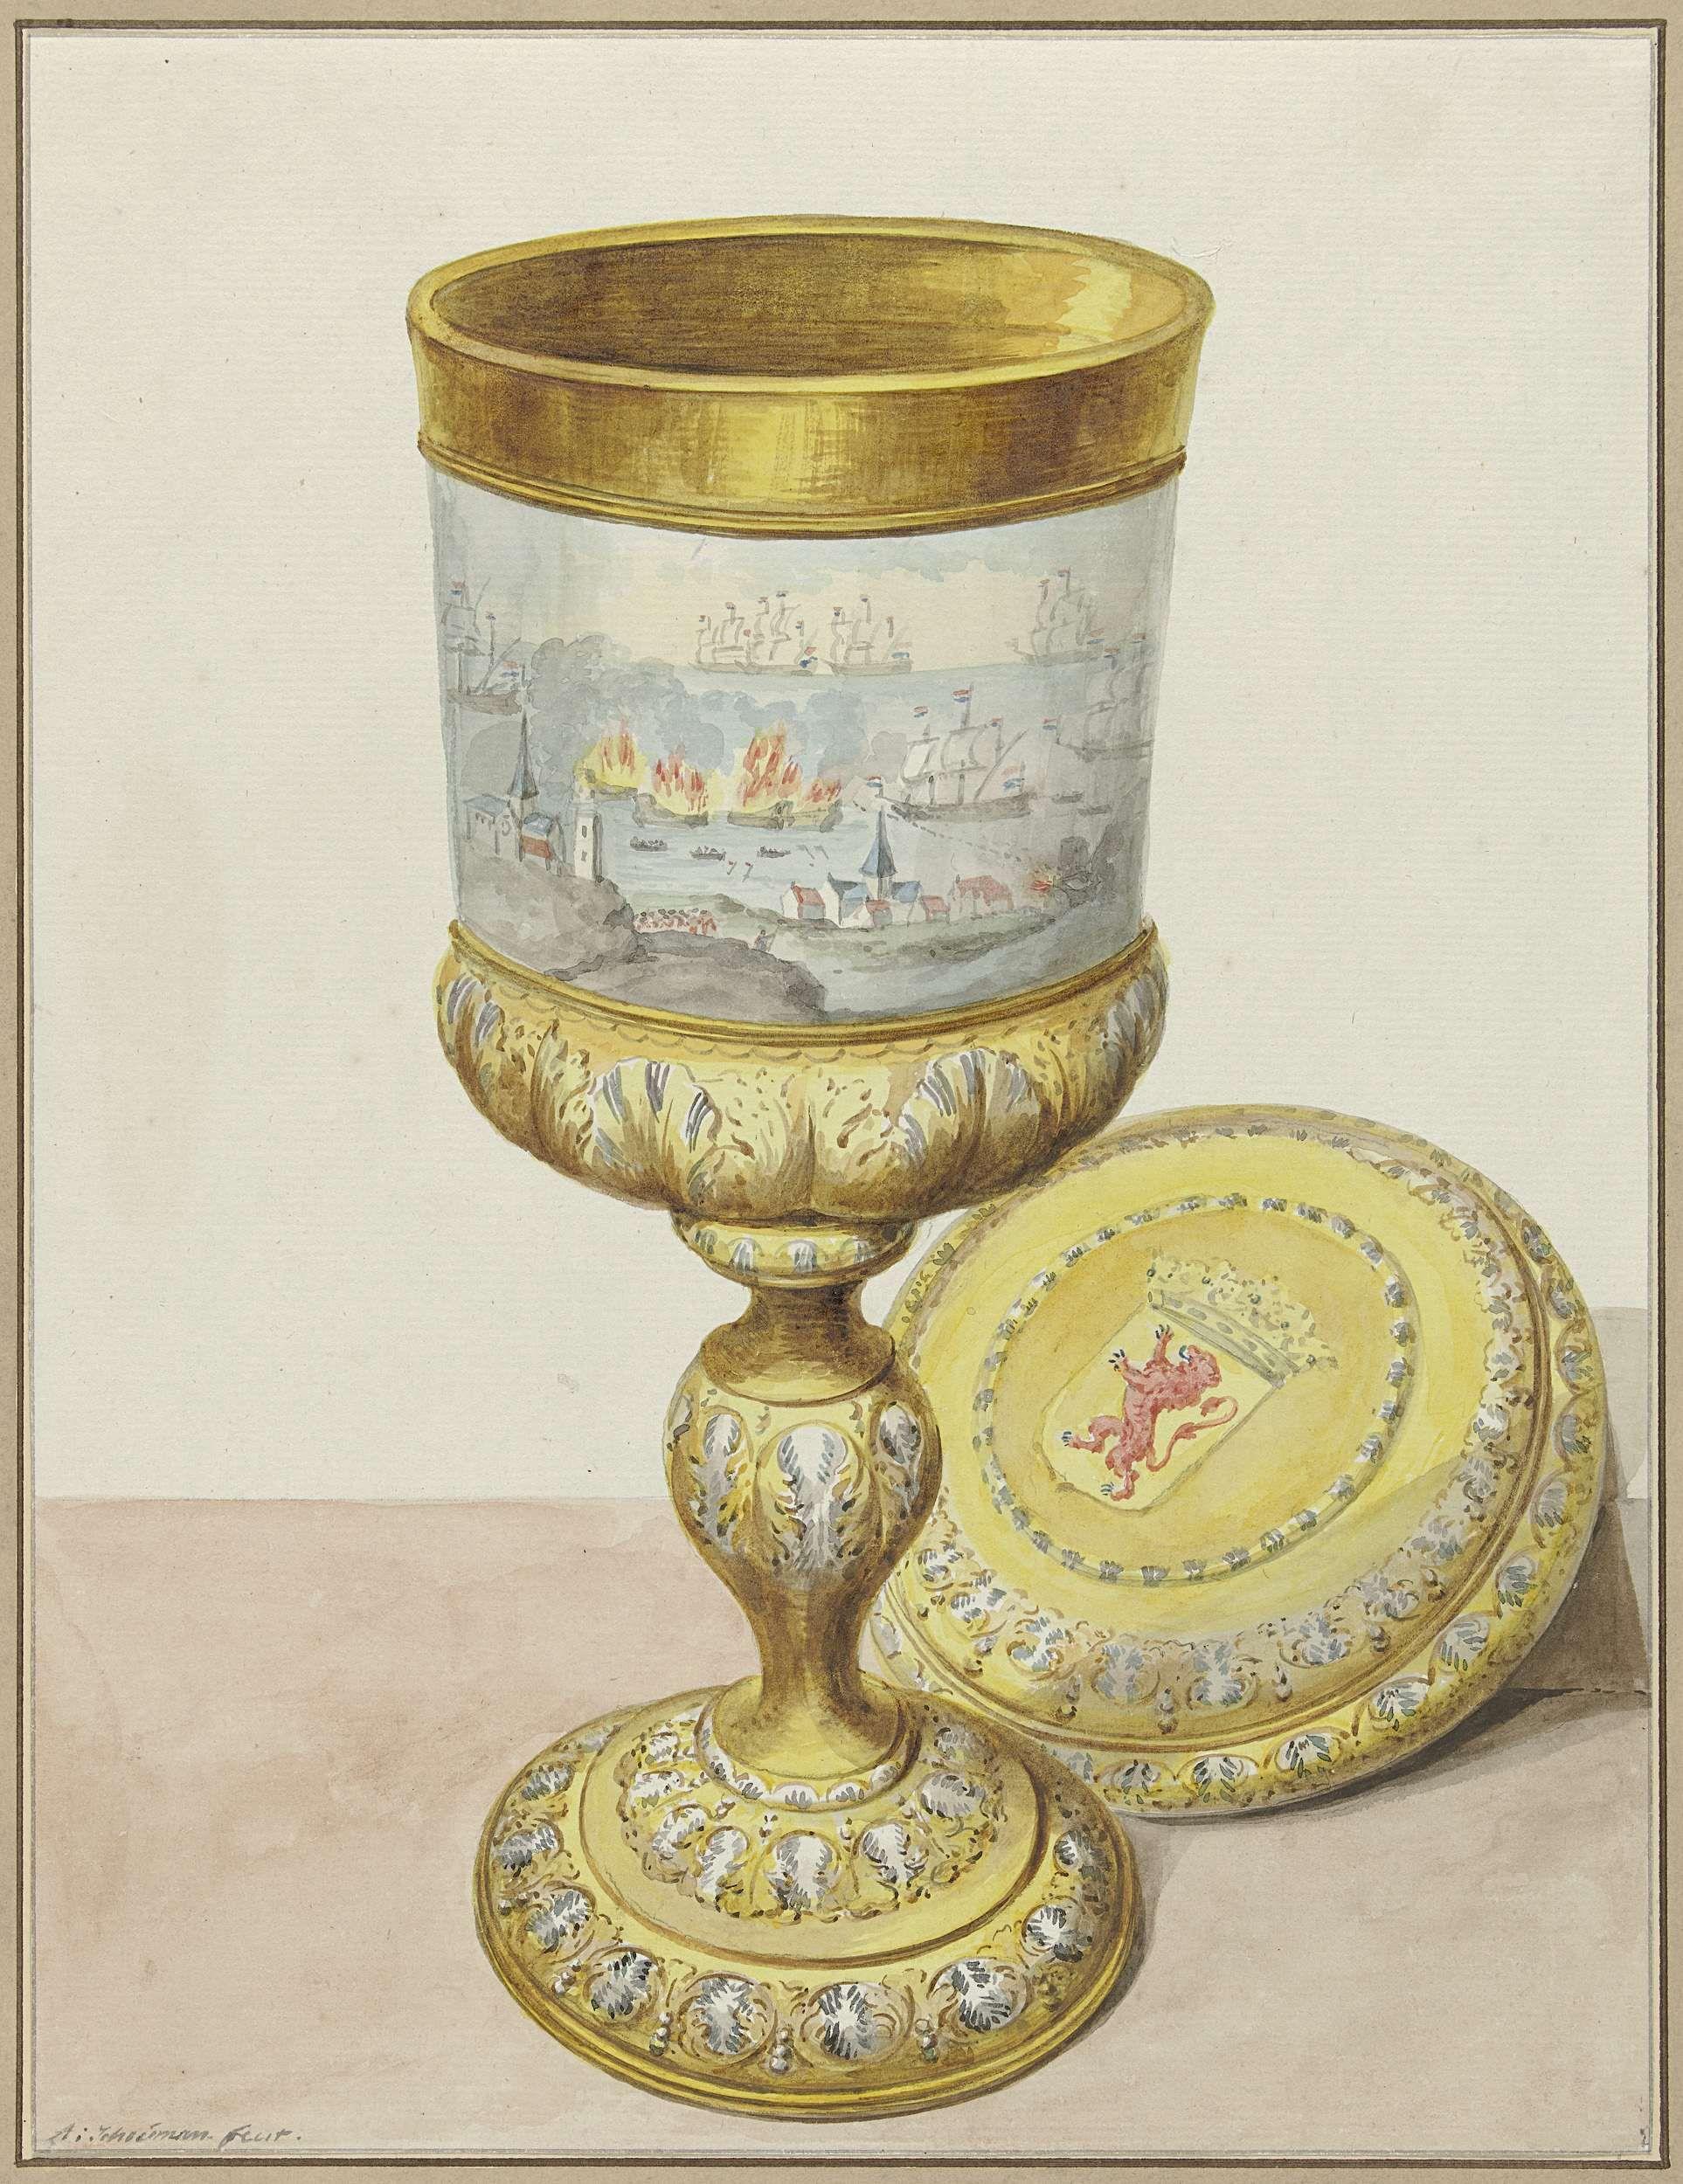 Gouden beker met deksel, geschonken aan Cornelis de Witt ter gelegenheid van de tocht naar Chatham, 1667, Aert Schouman, 1748